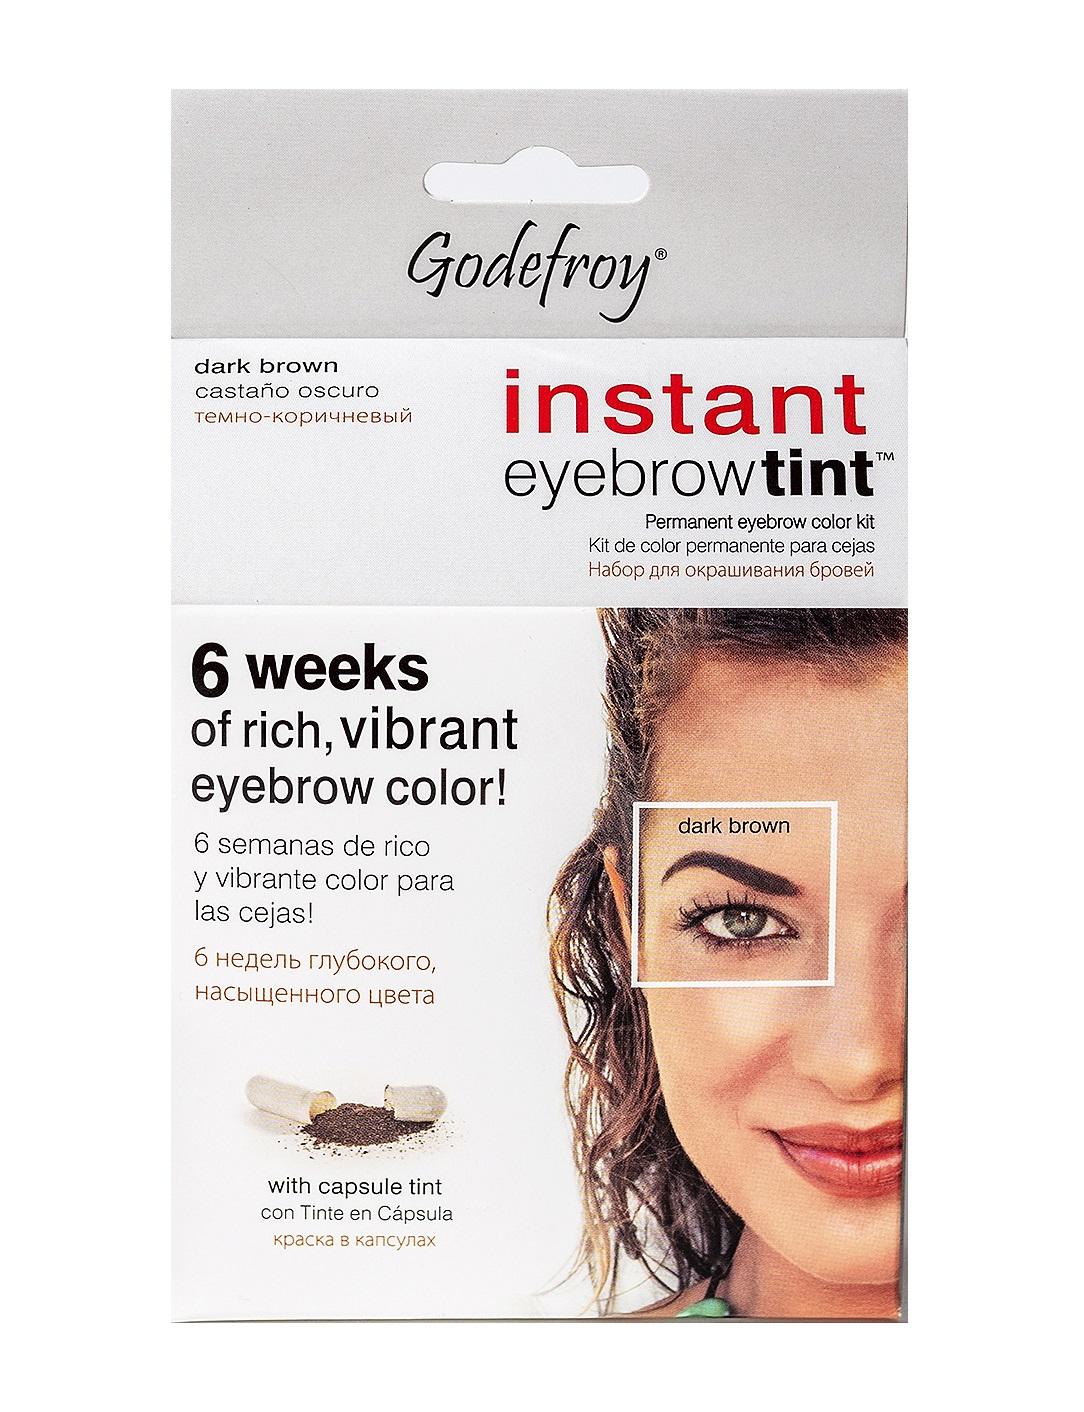 GODEFROY Краска-хна в капсулах для бровей с эффектом татуажа, темно-коричневый / Eyebrow Tint Dark Brown 15 шт